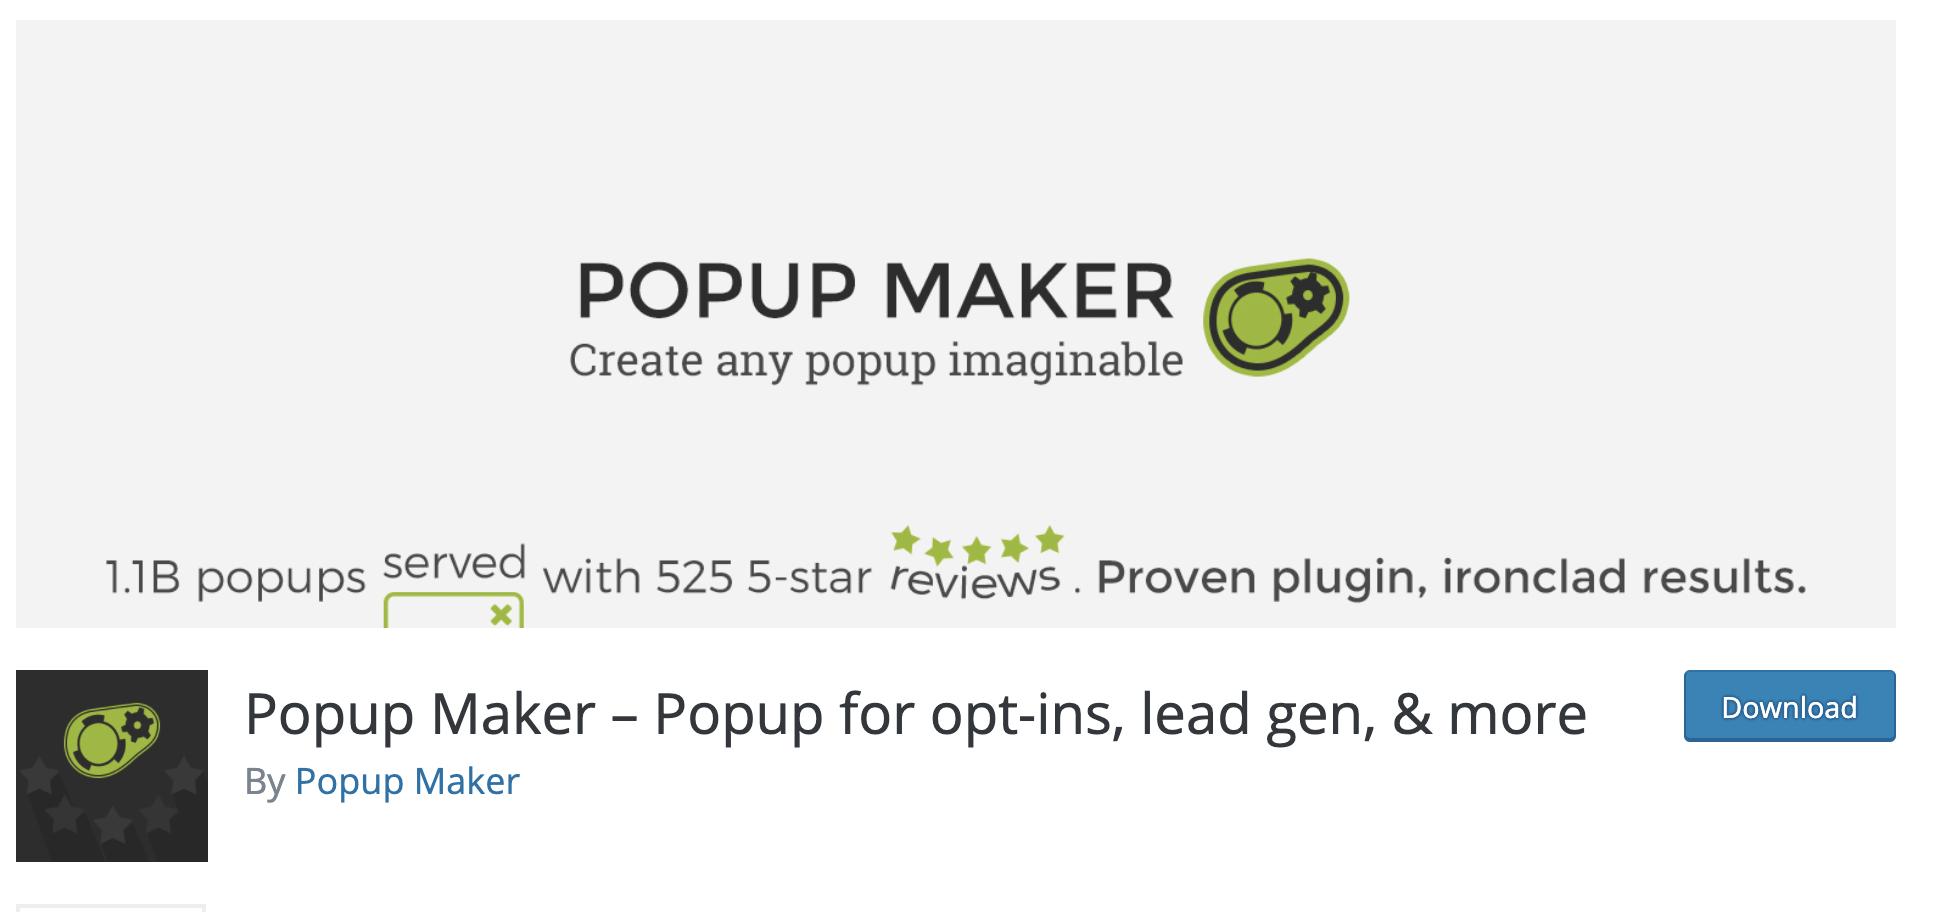 Popup Maker – Popup for opt-ins, lead gen, & more